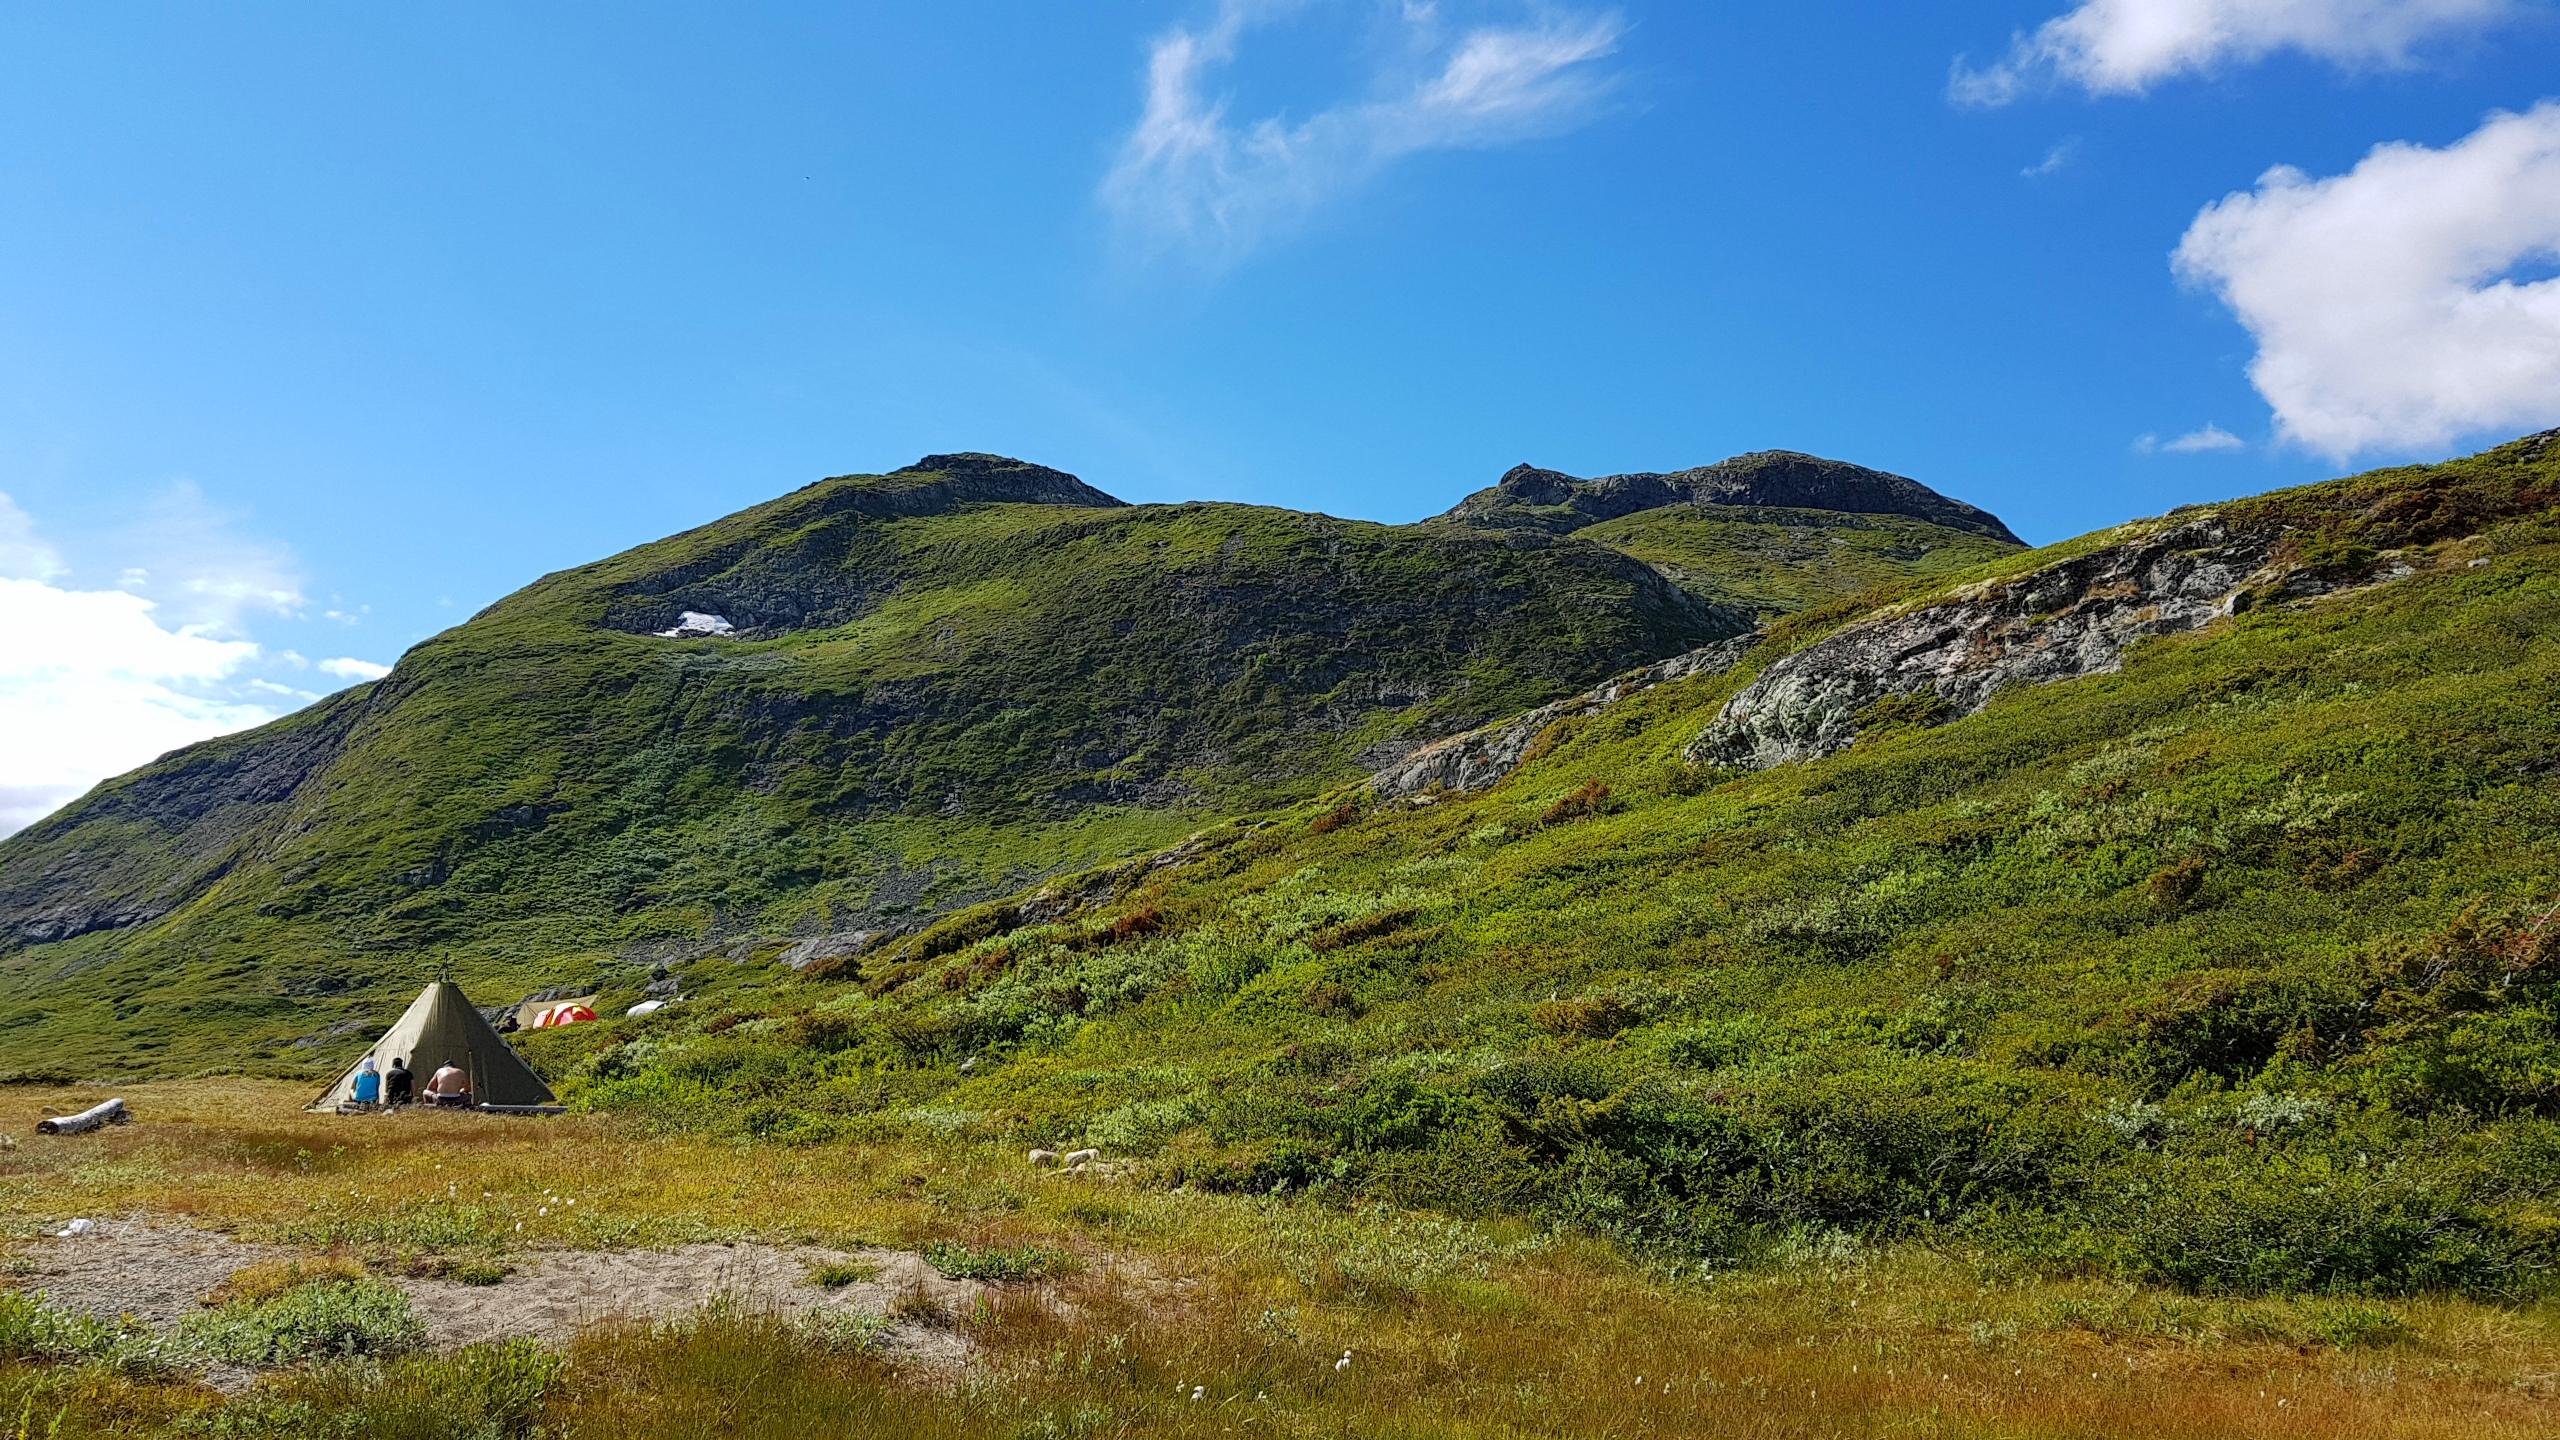 Telting i naturen - reiseblogg